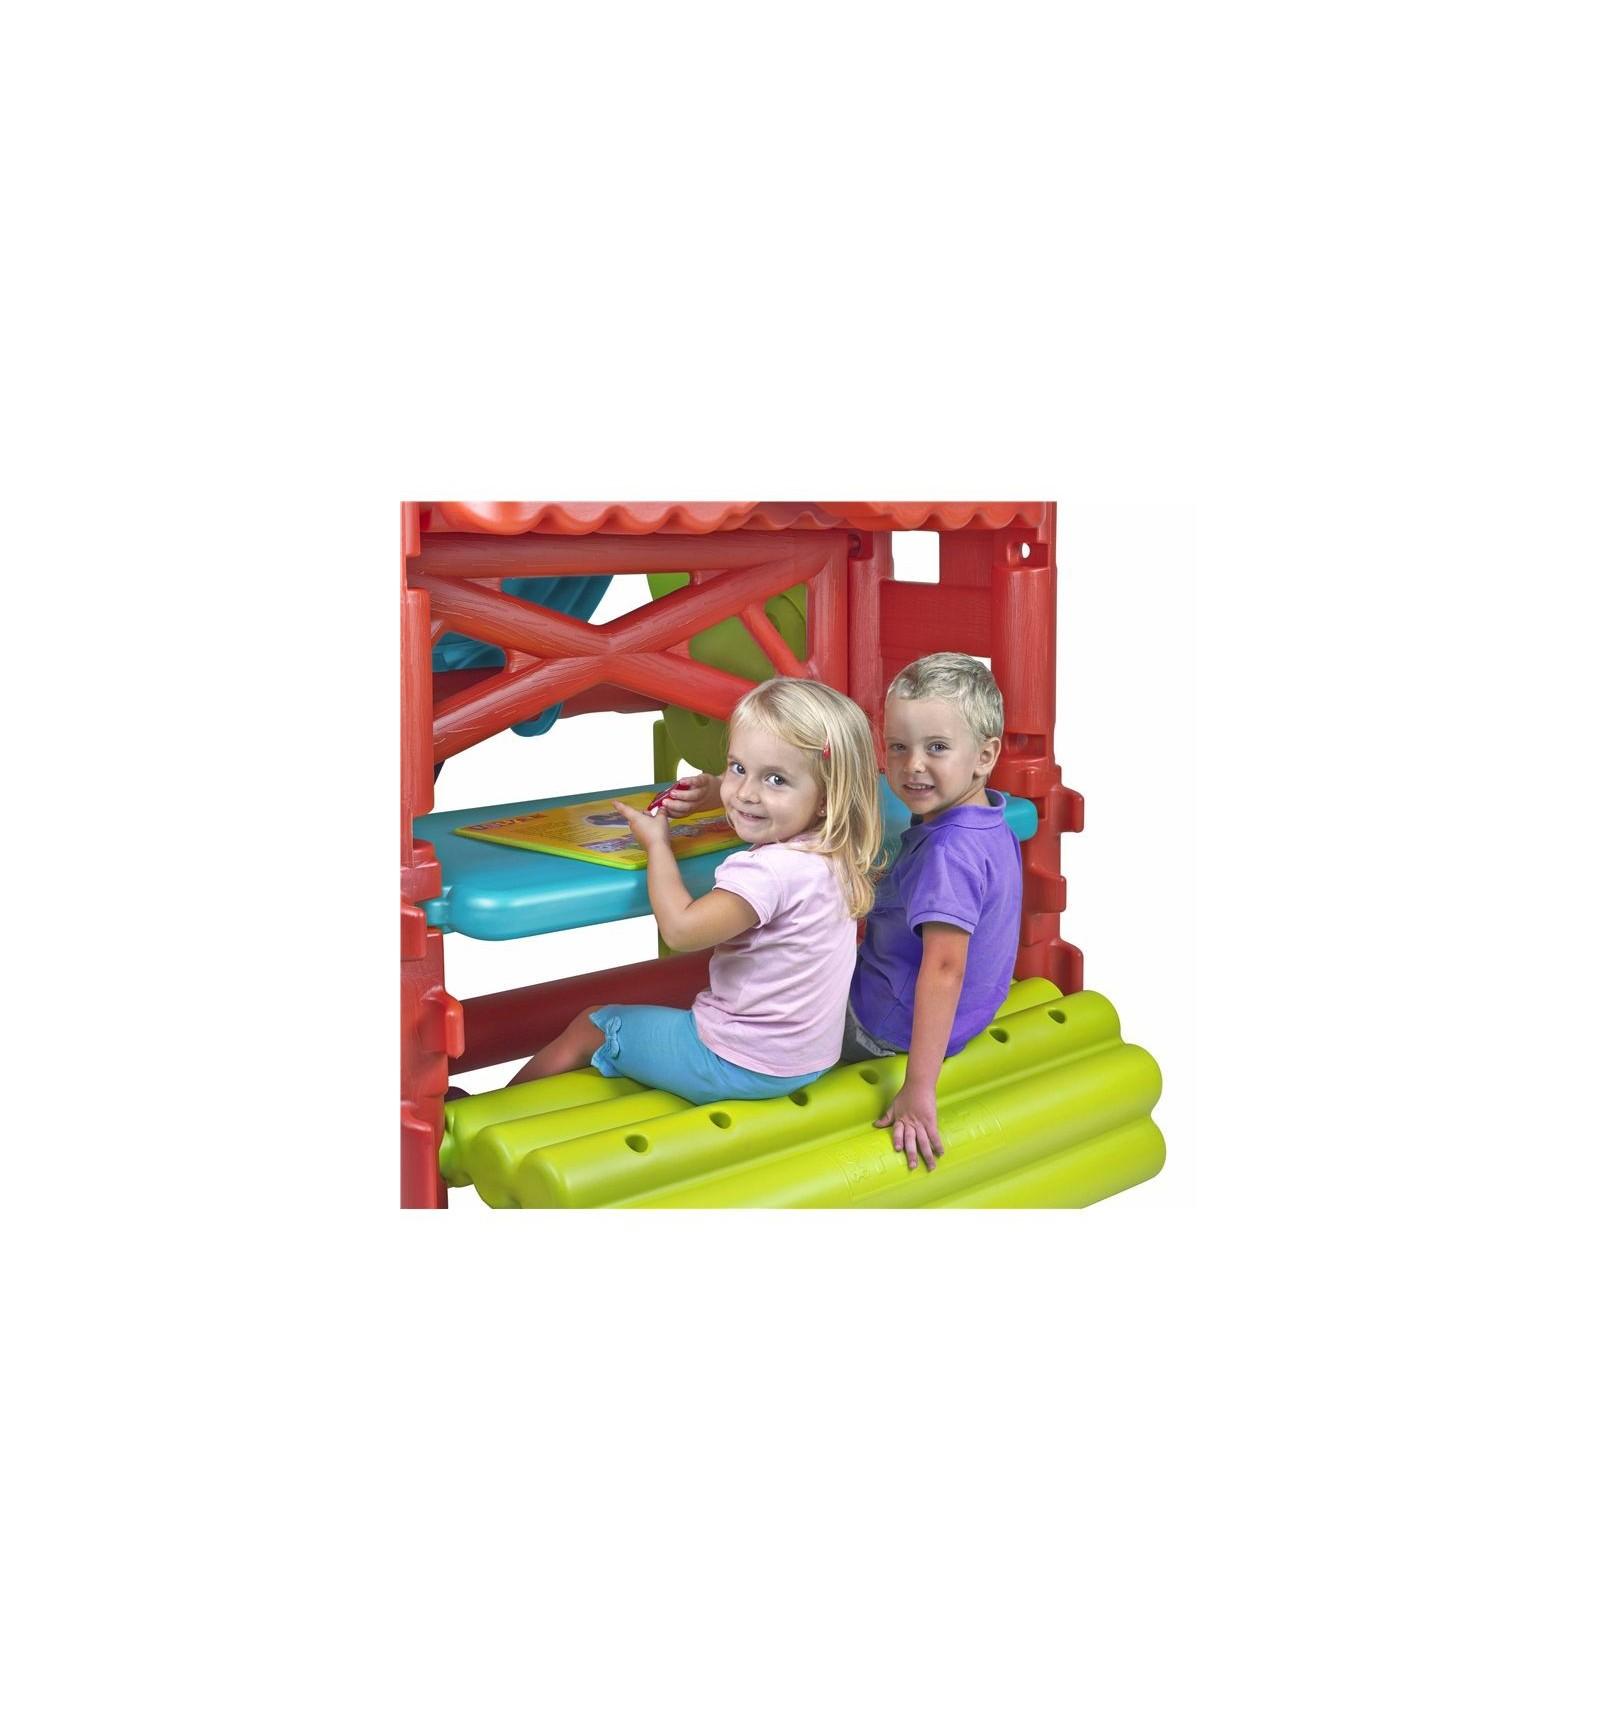 Casita del bosque 1287 juguetes de aire libre todas las - Casitas del bosque ...